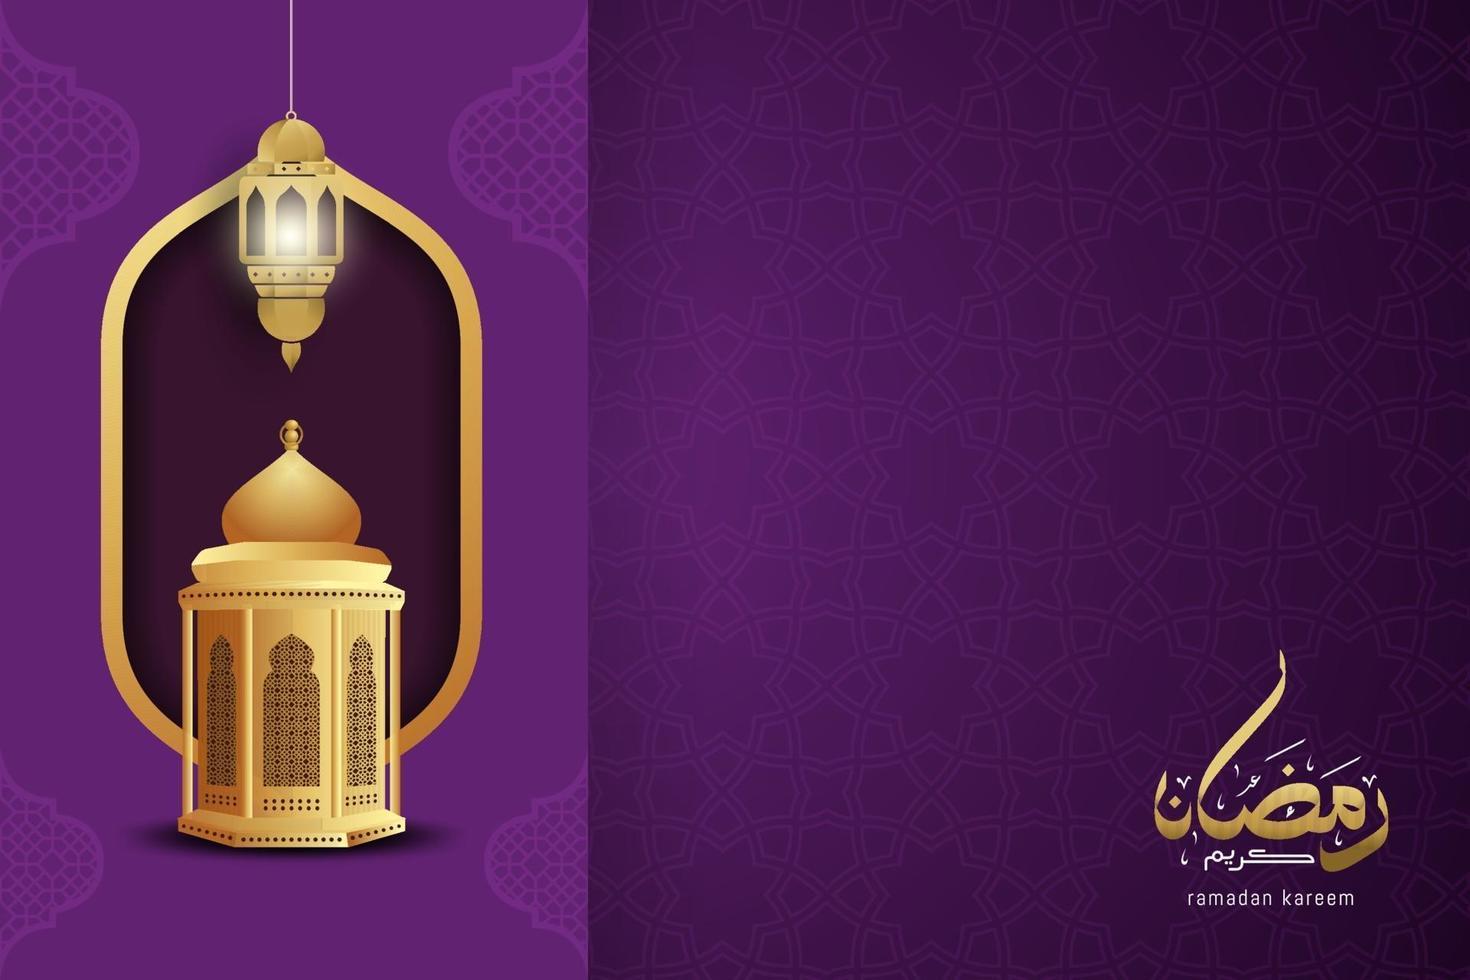 cartão comemorativo ramadan kareem com caligrafia árabe vetor